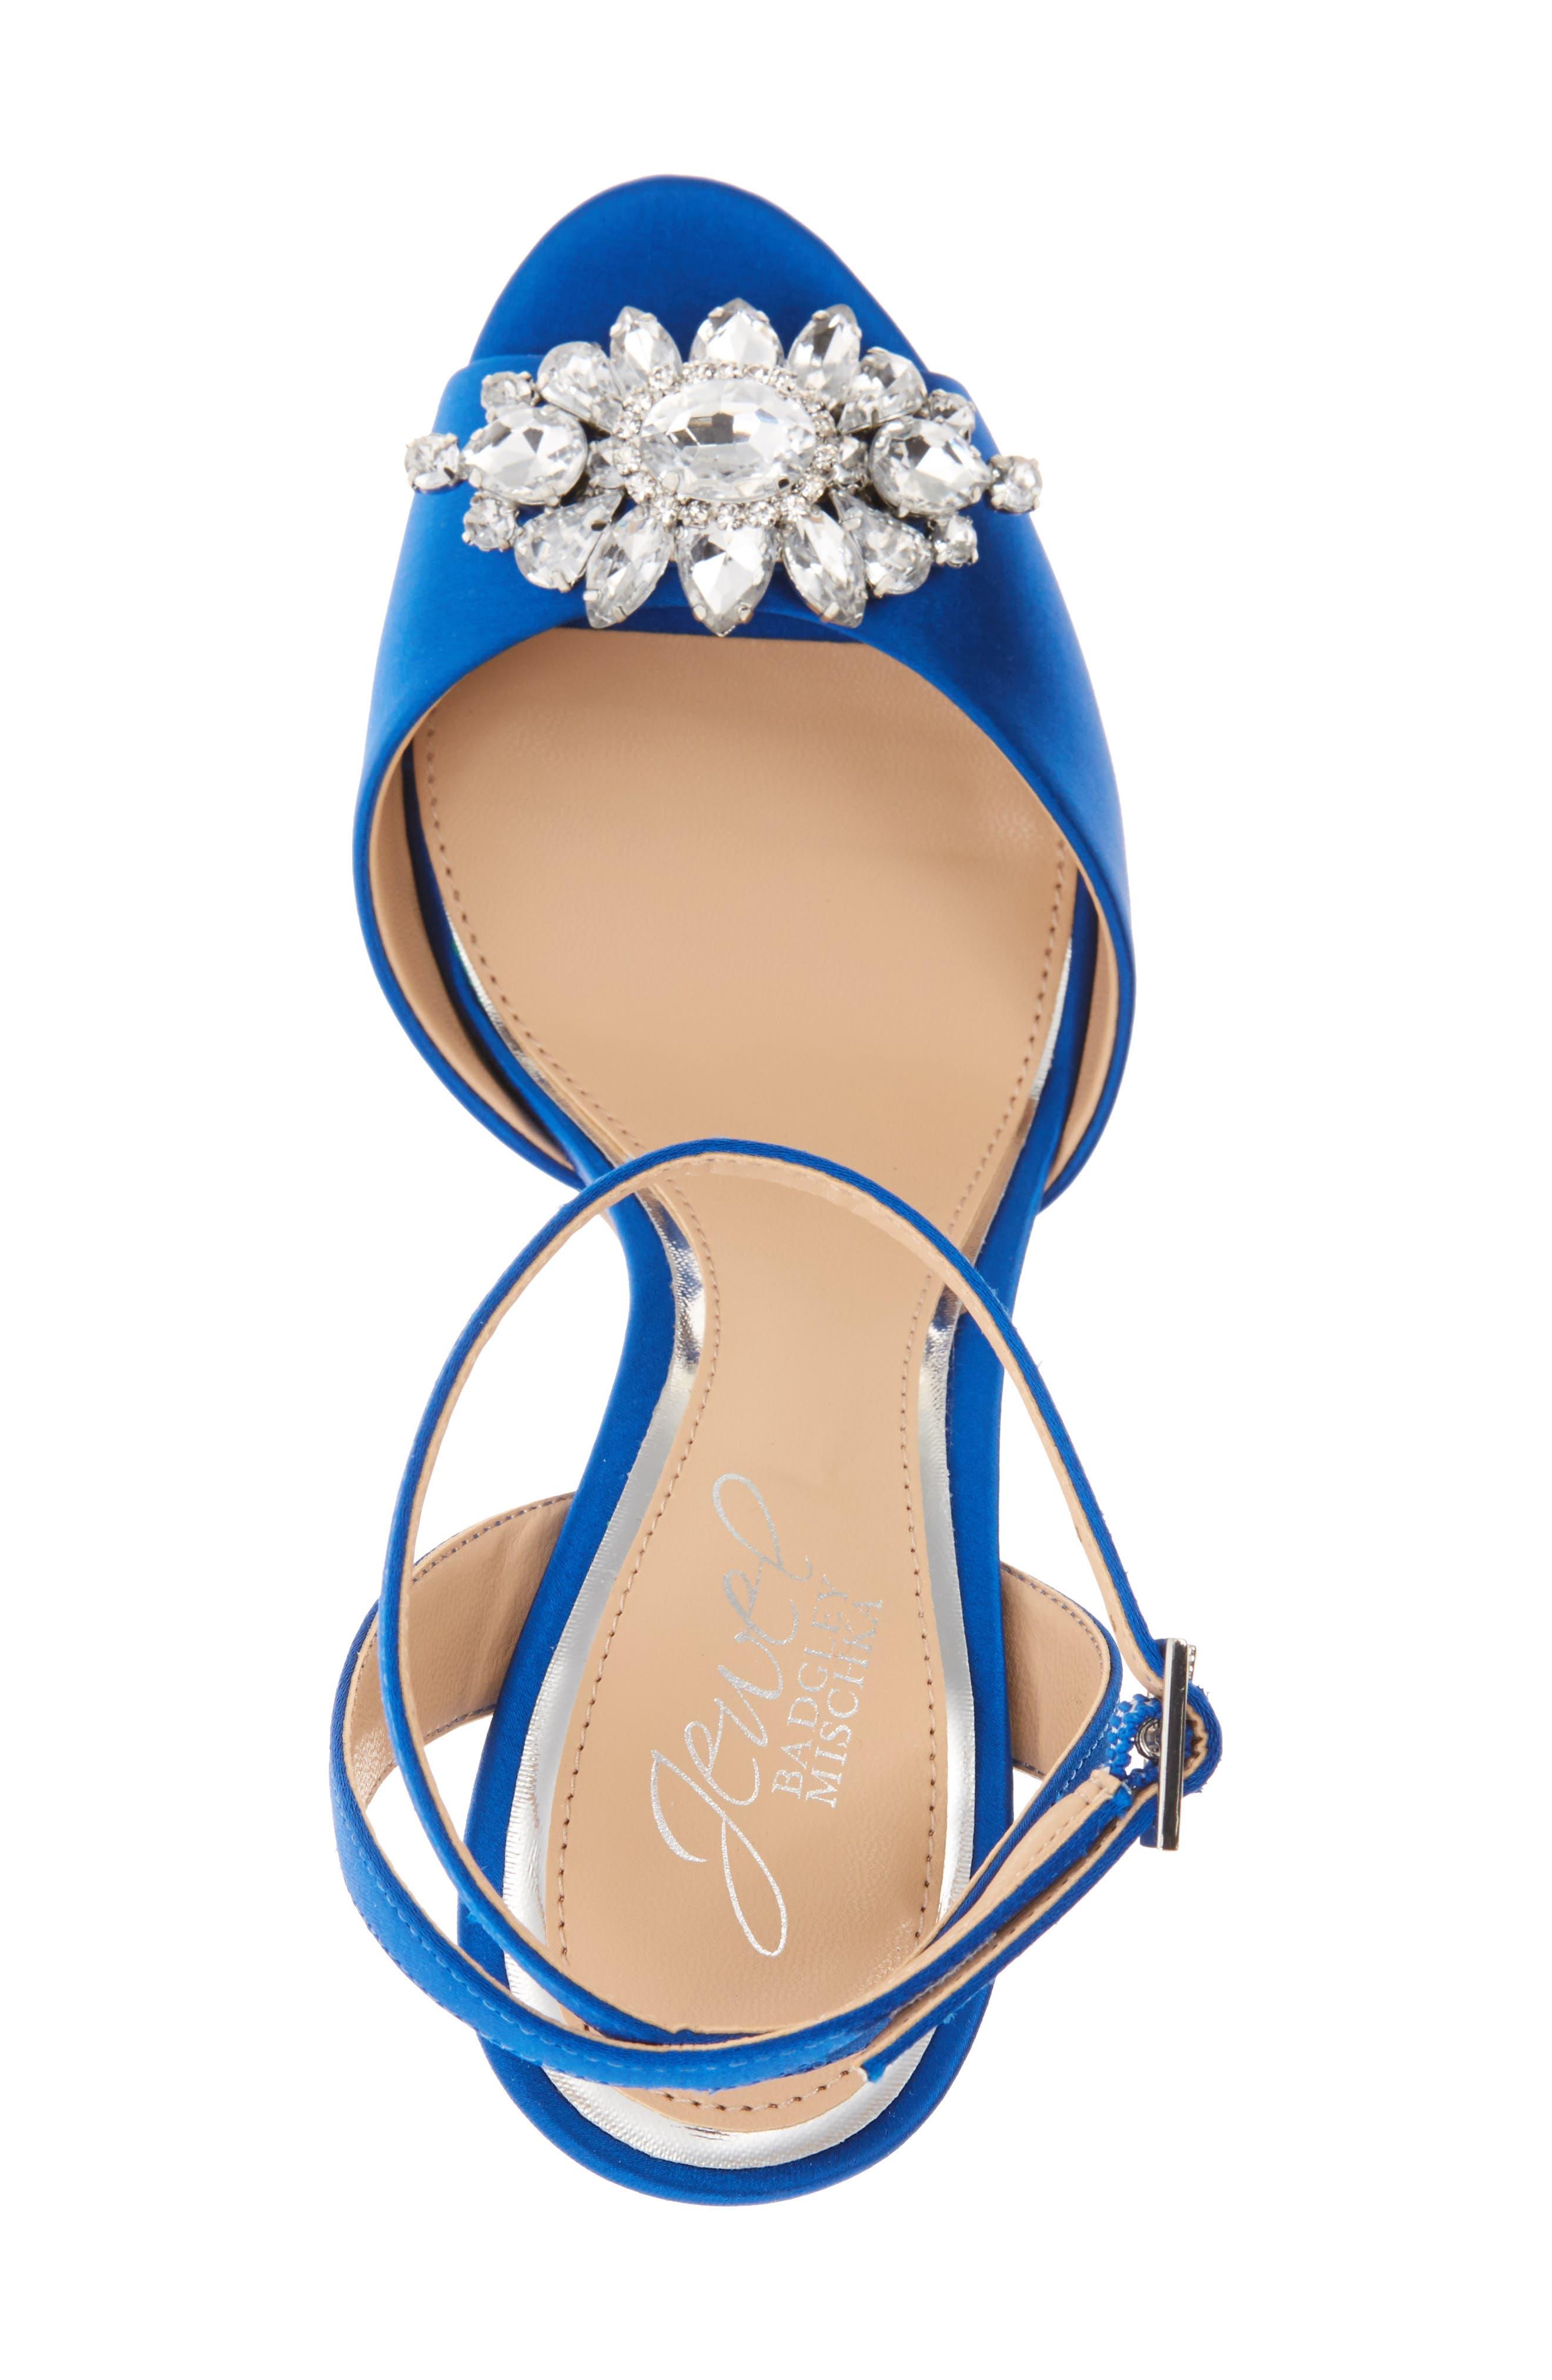 Hayden Embellished Ankle Strap Sandal,                             Alternate thumbnail 3, color,                             Blue Satin